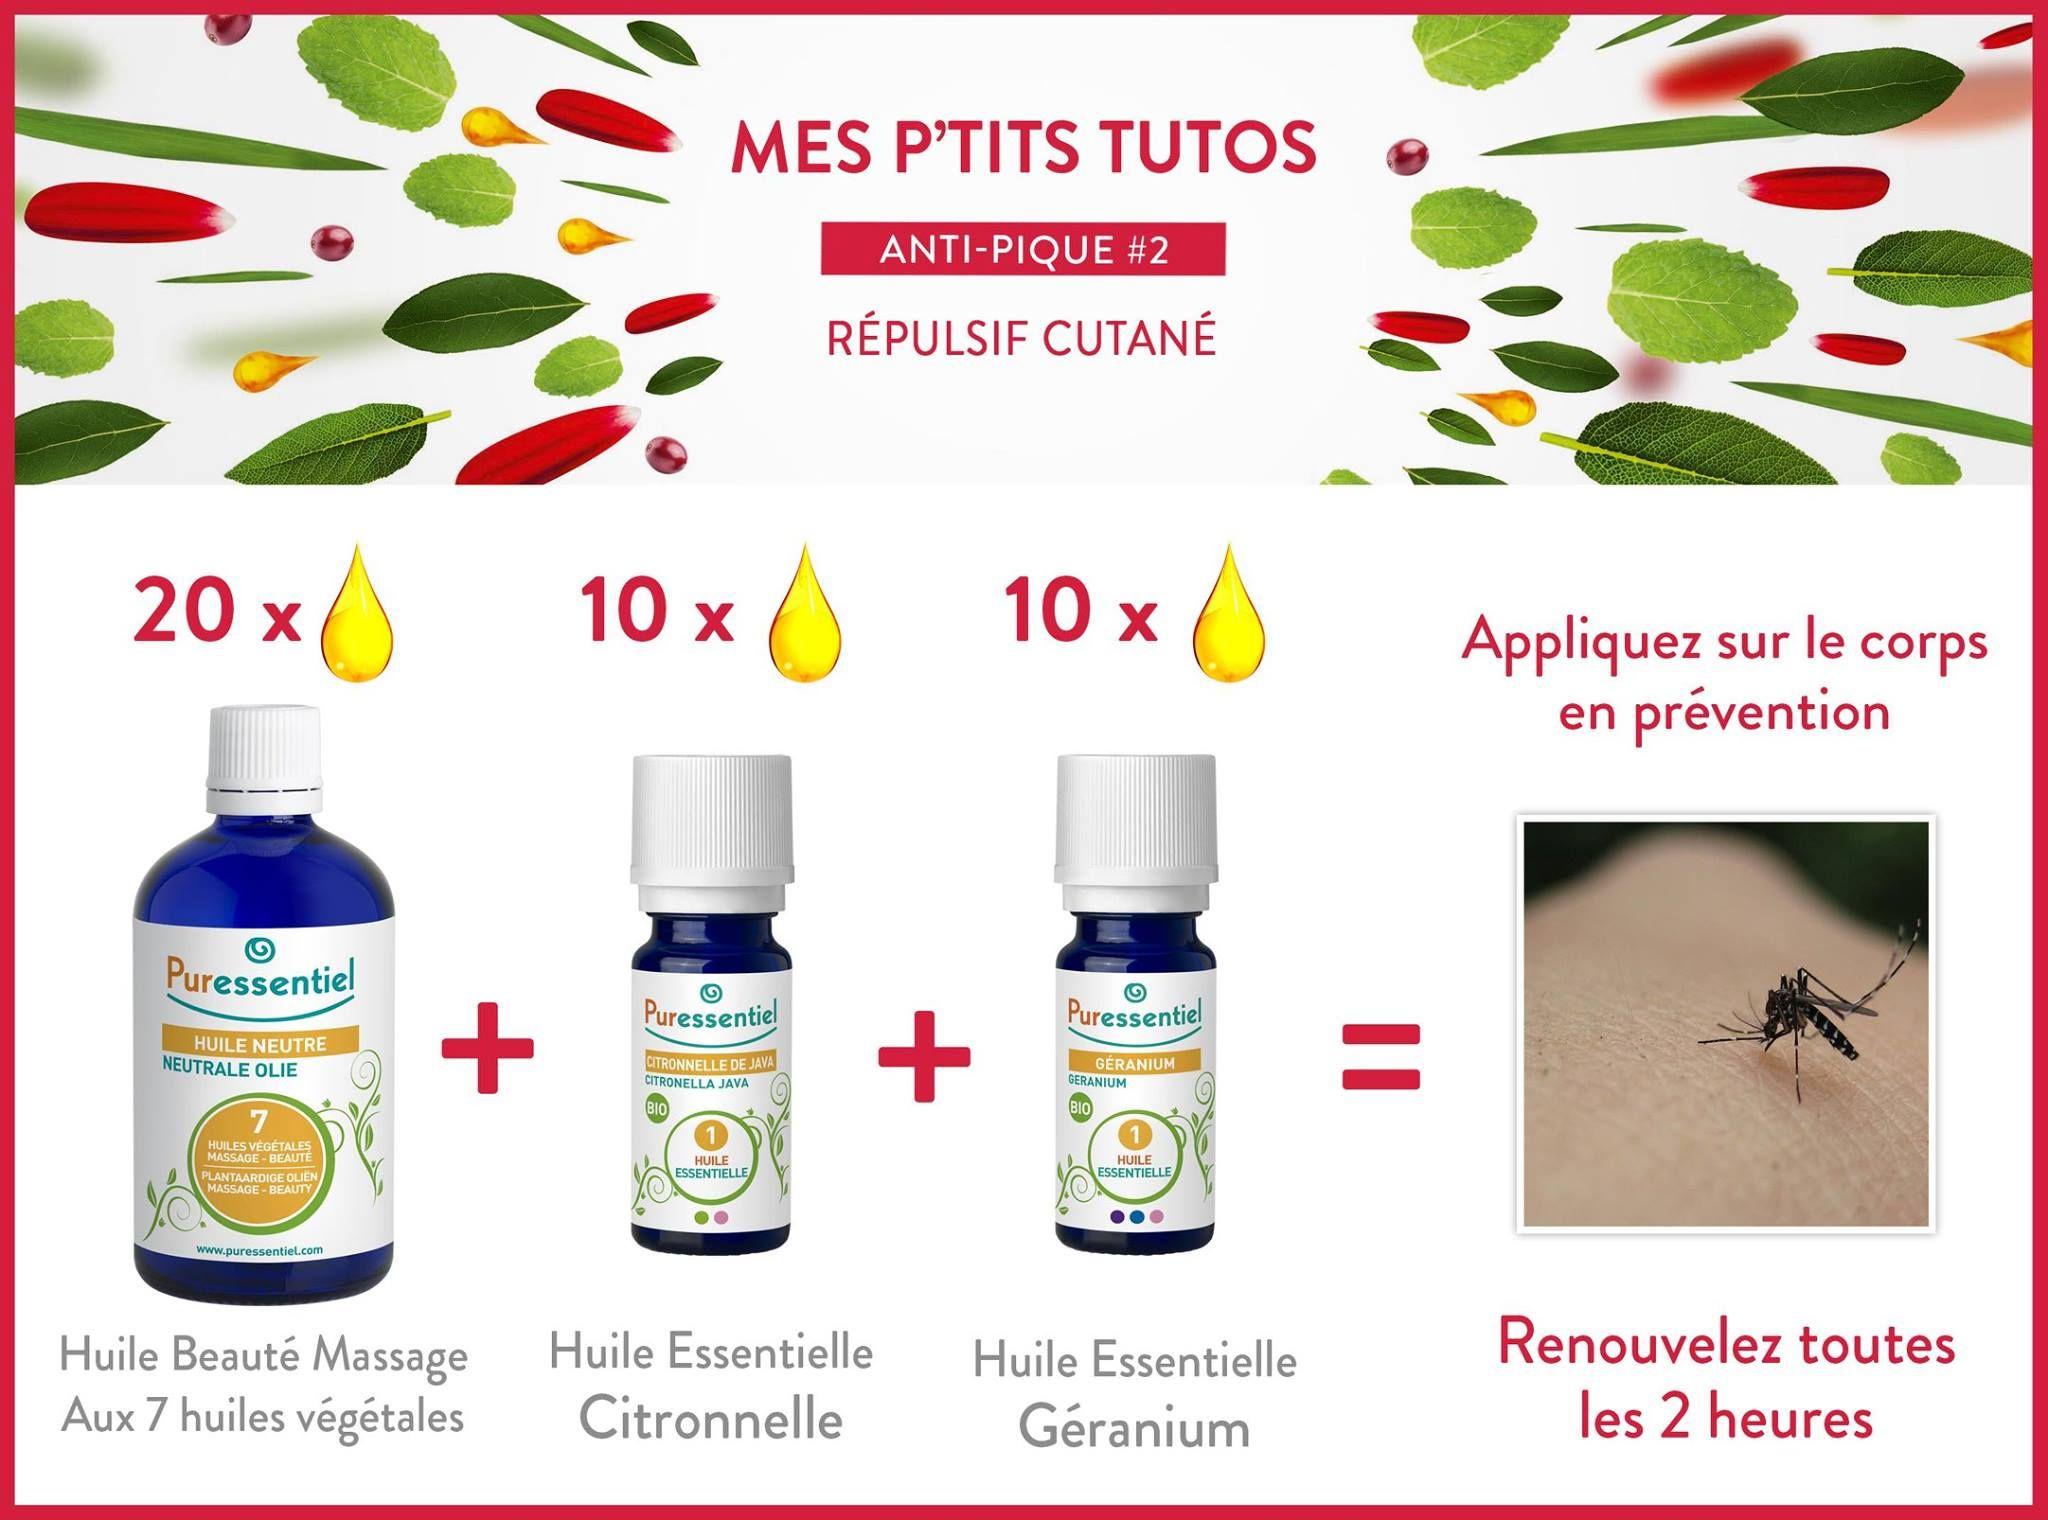 diy repousser les moustiques de mani re 100 naturelle huile essentielle pinterest. Black Bedroom Furniture Sets. Home Design Ideas